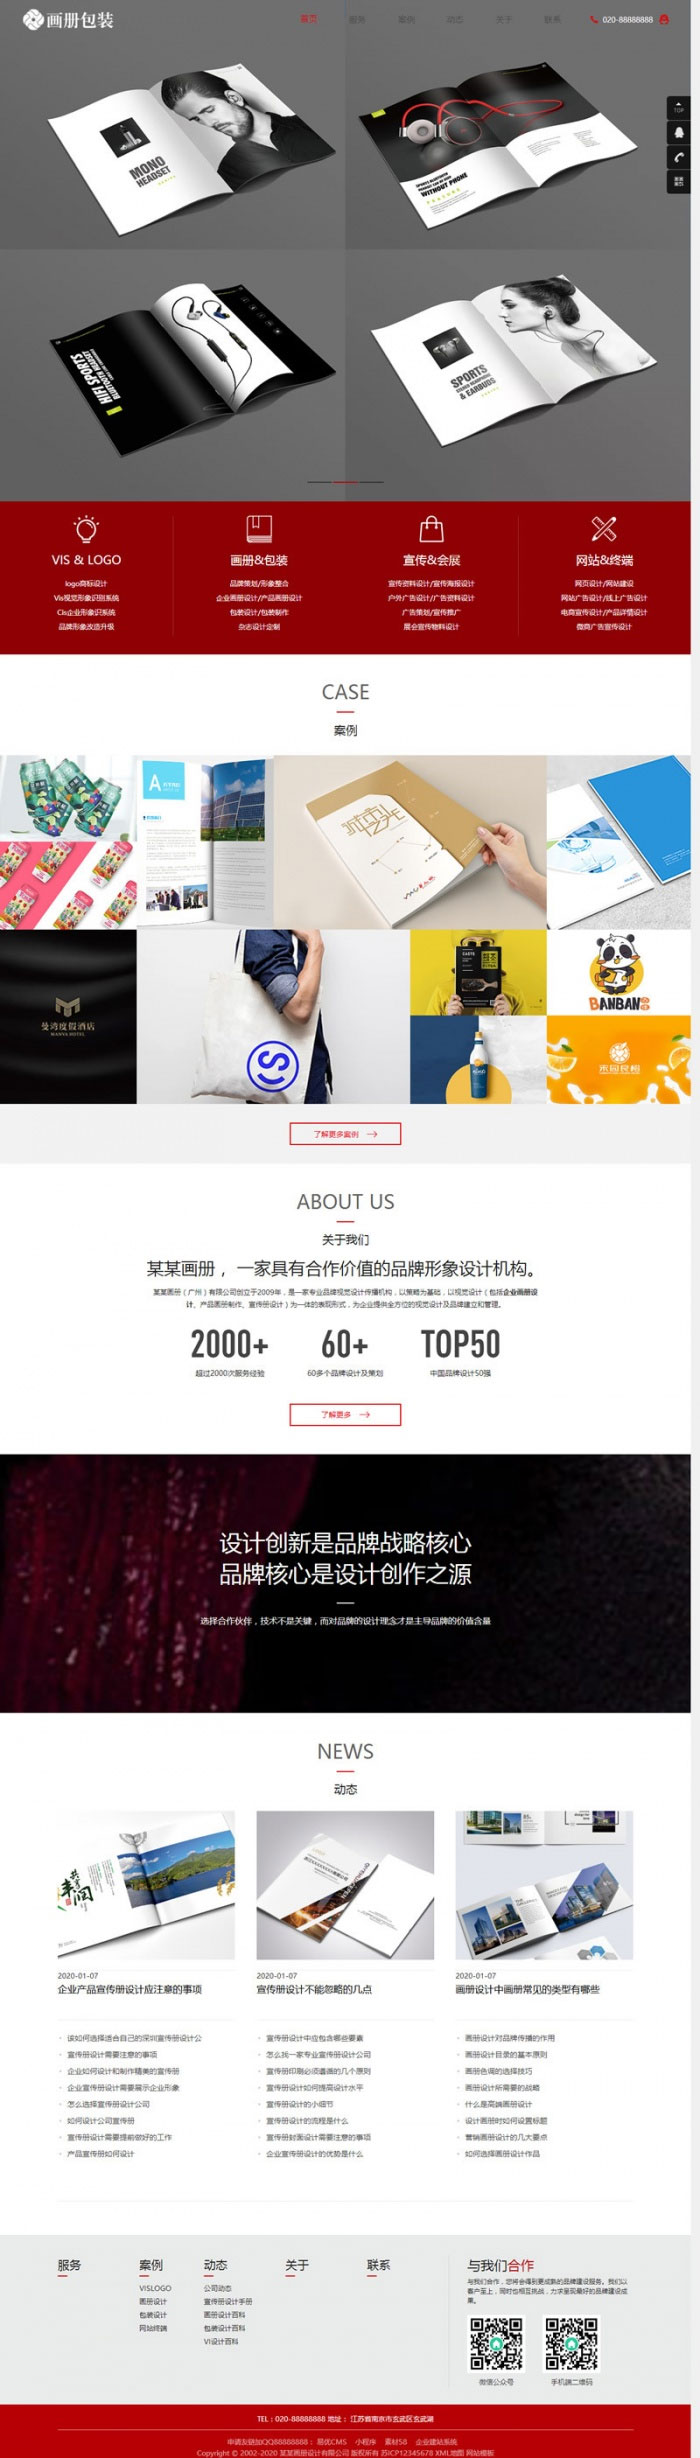 响应式品牌画册包装设计公司网站模板(自适应手机移动端)